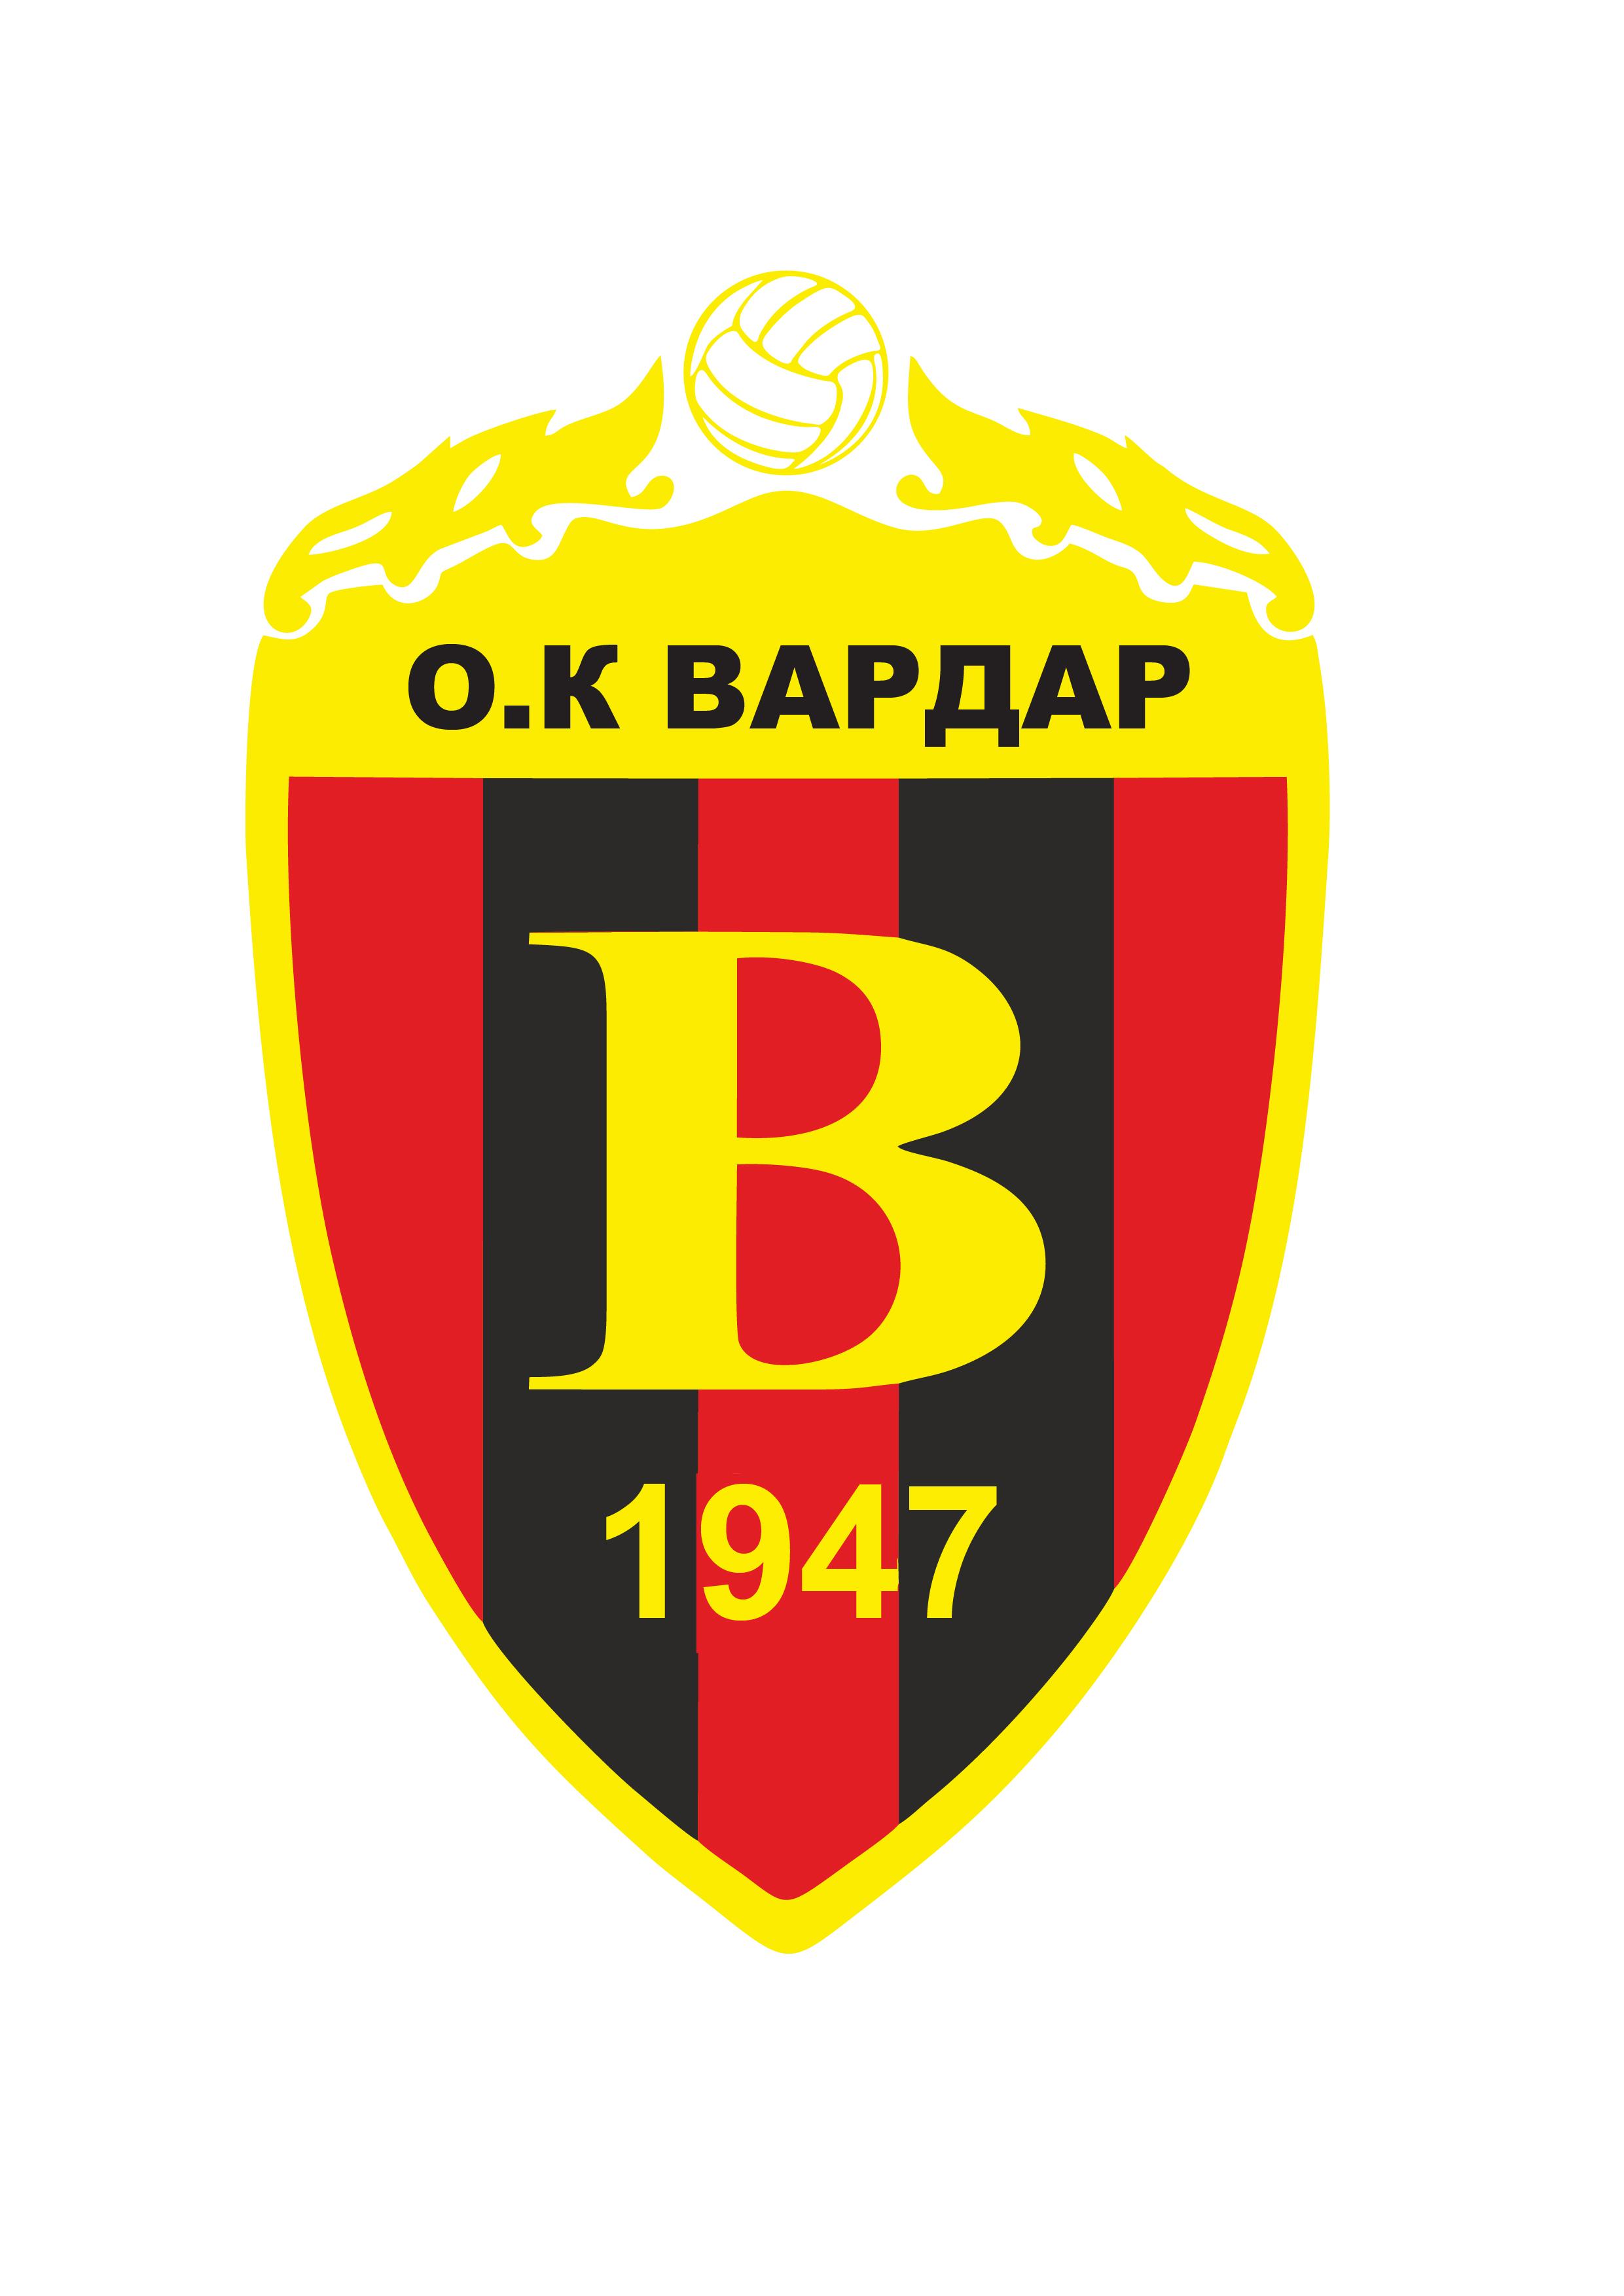 https://www.okvardar.mk/wp-content/uploads/2019/06/novo-logo-vardar-01-1.jpg